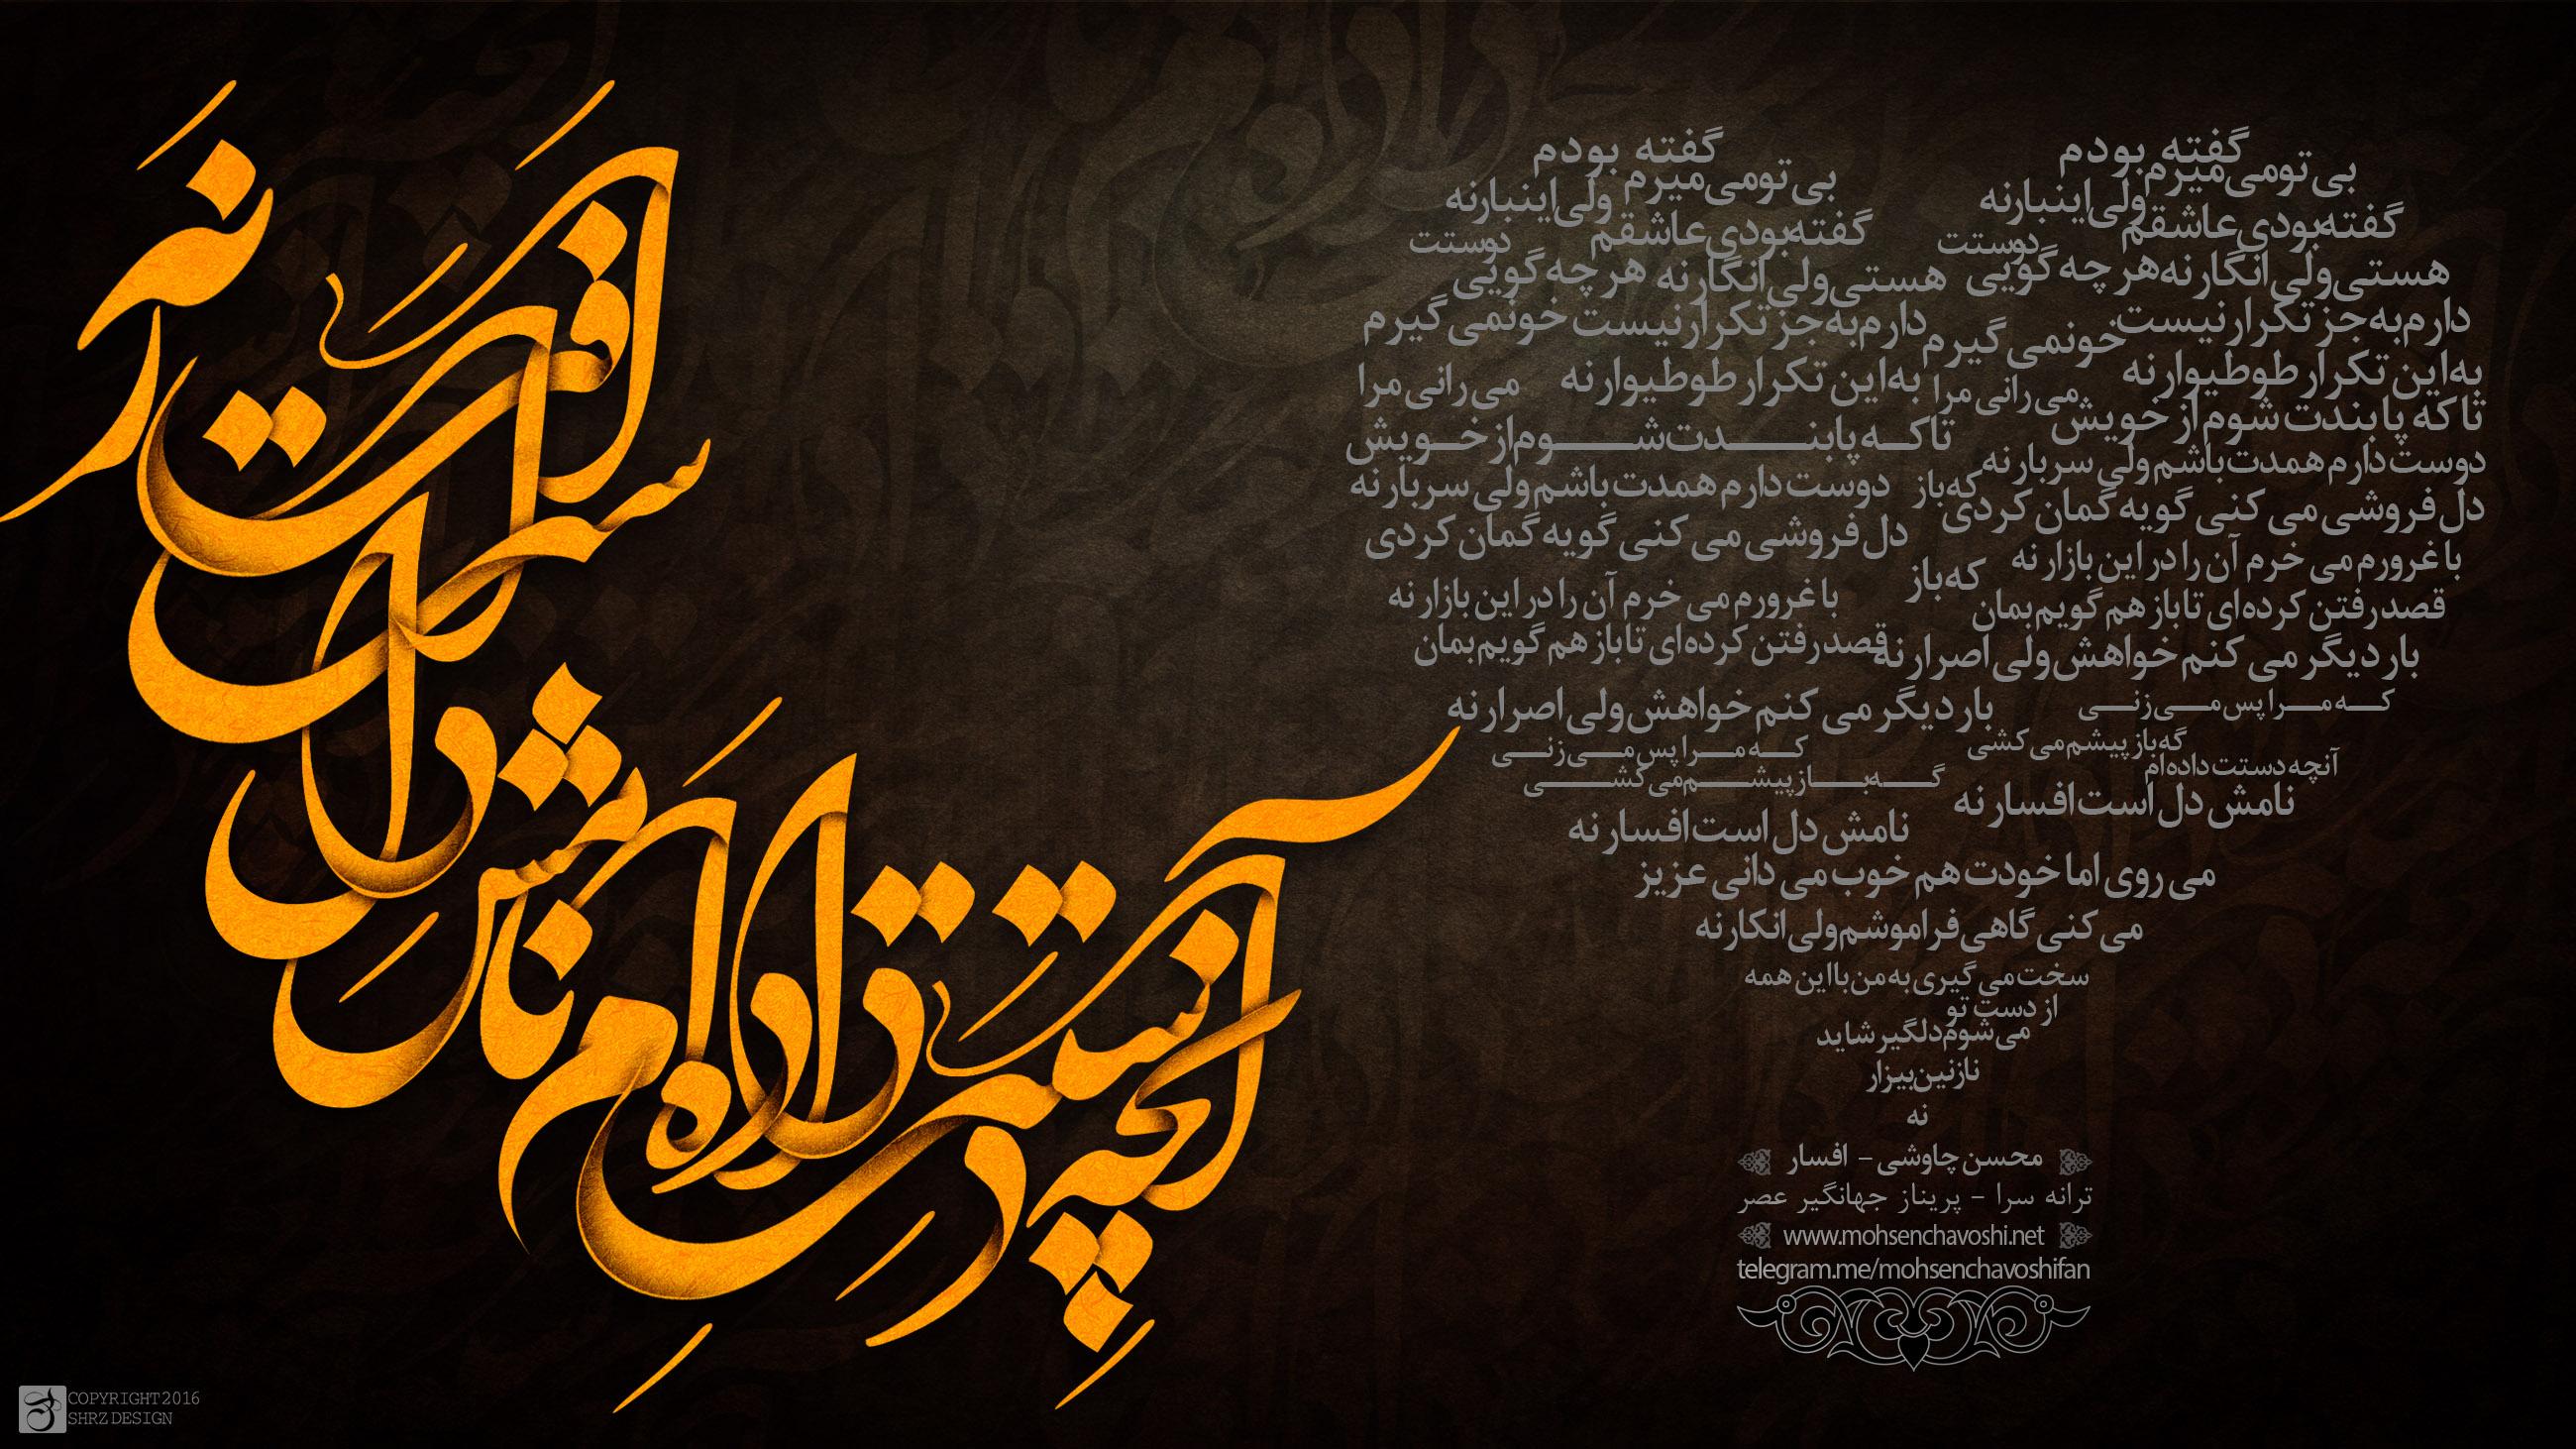 خرید پکیج آموزش جامع تایپوگرافی (۰ تا صد) - به زبان فارسی